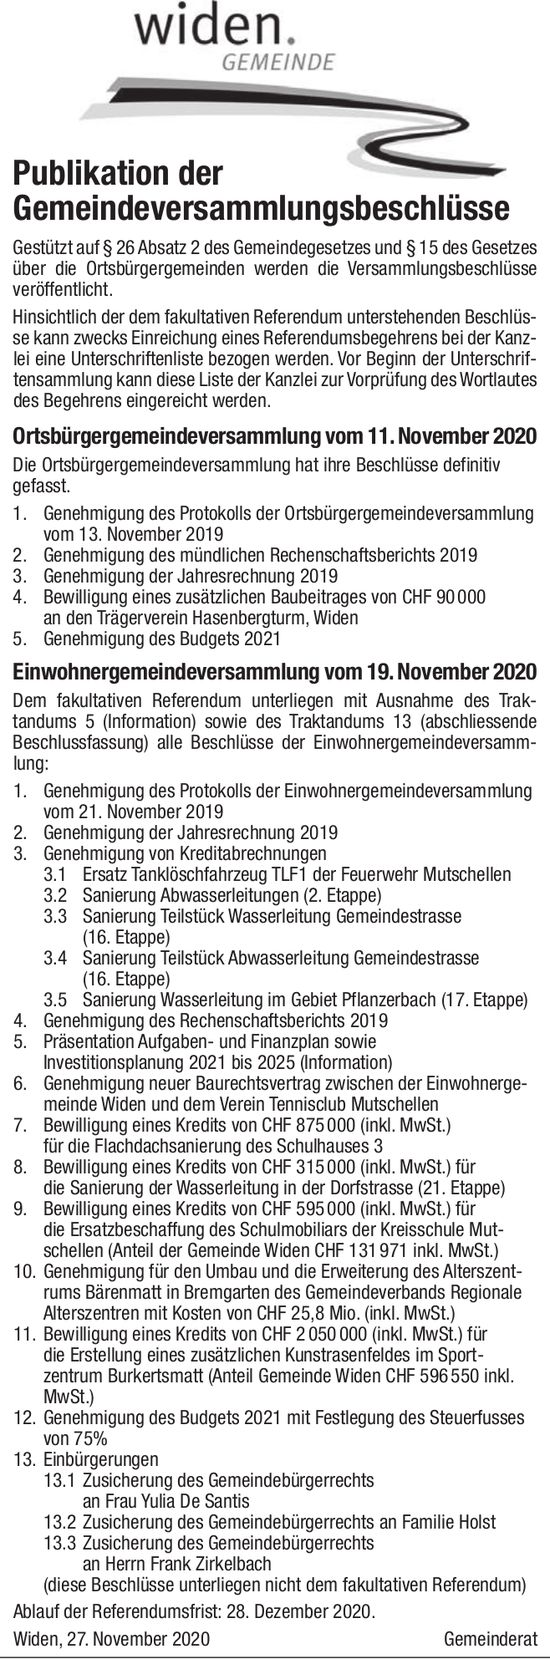 Bremgarten - Publikation der Gemeindeversammlungsbeschlüsse